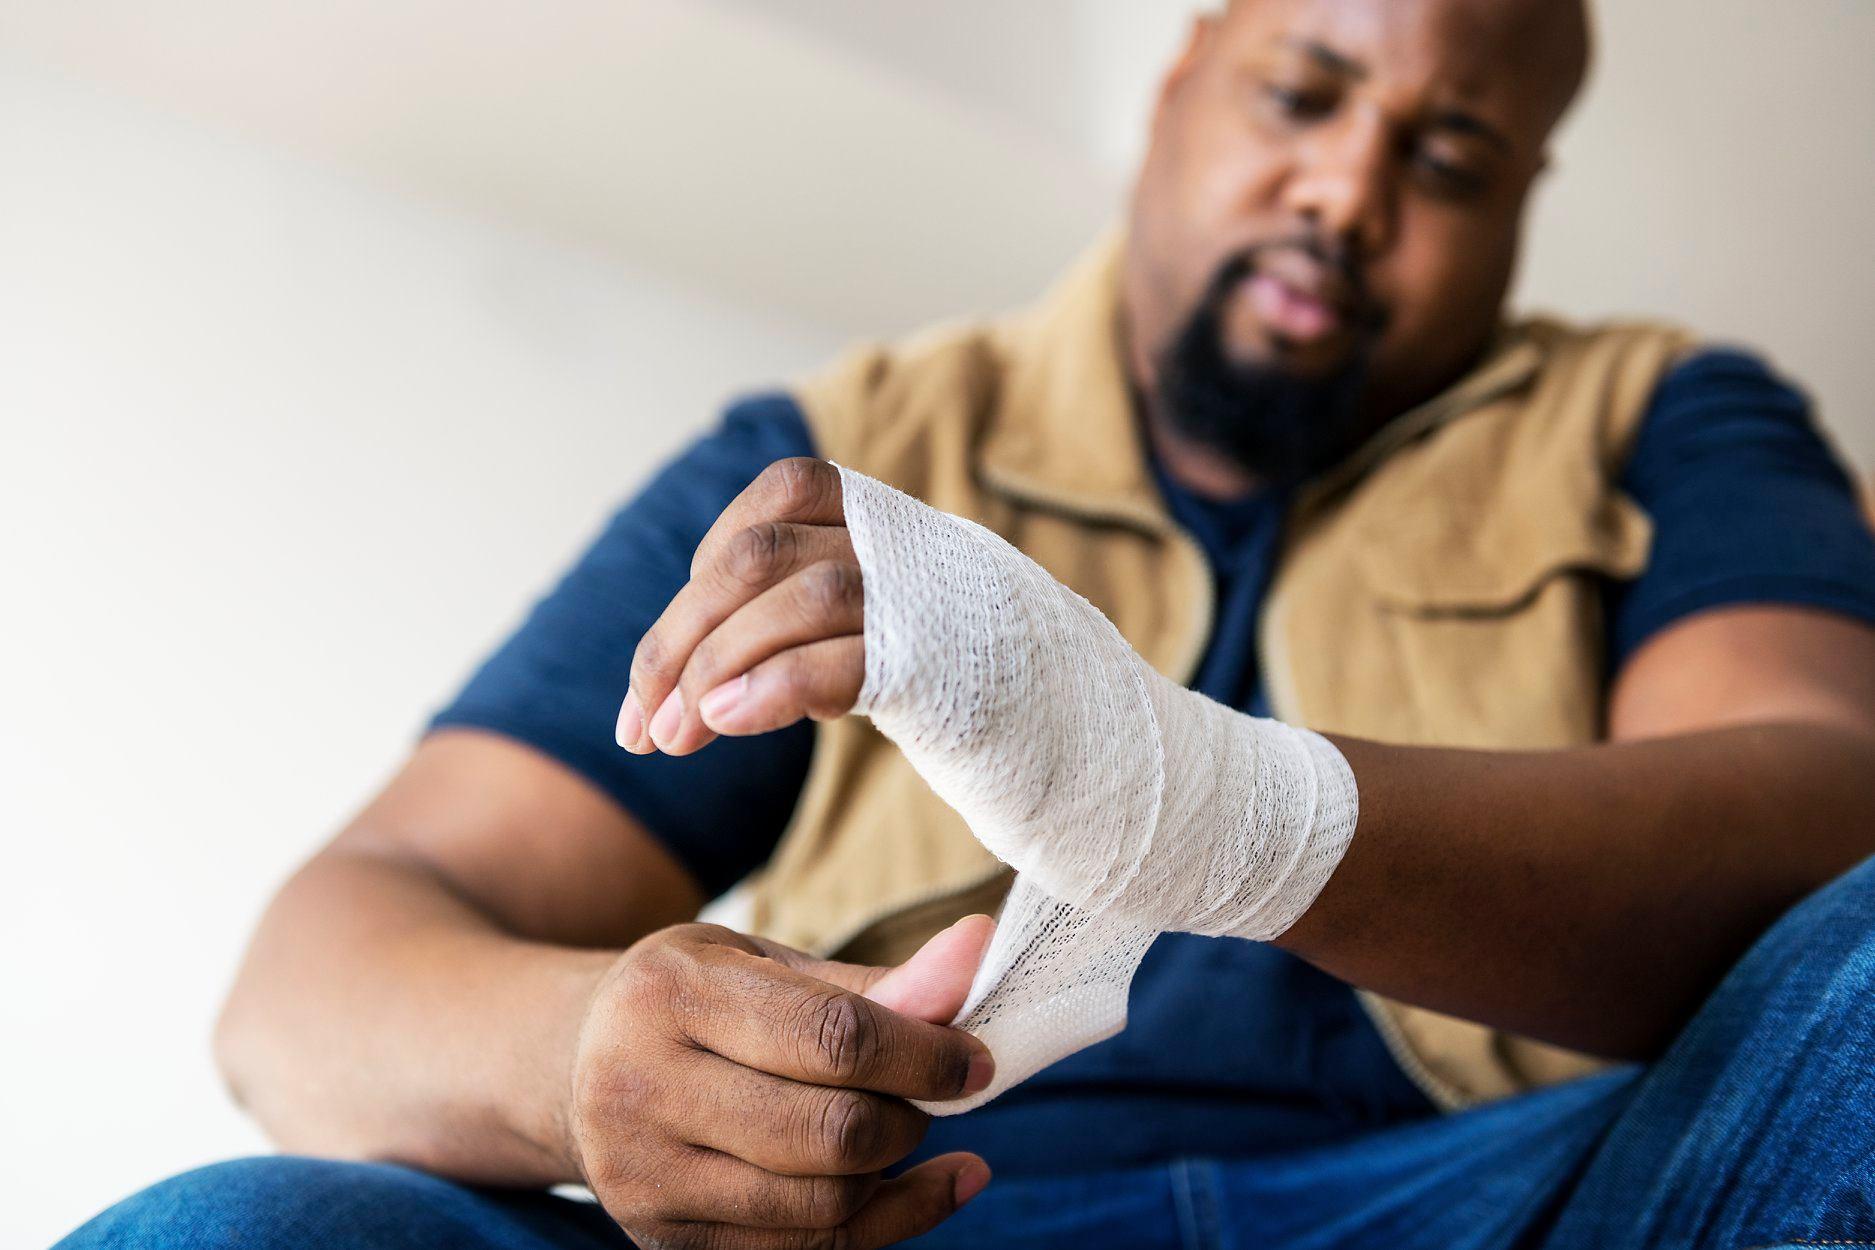 פרק 11: חזרה מנחות רפואית למקום העבודה אף בפועל לא חזרתם לתפקיד שבוע הועסקתם?